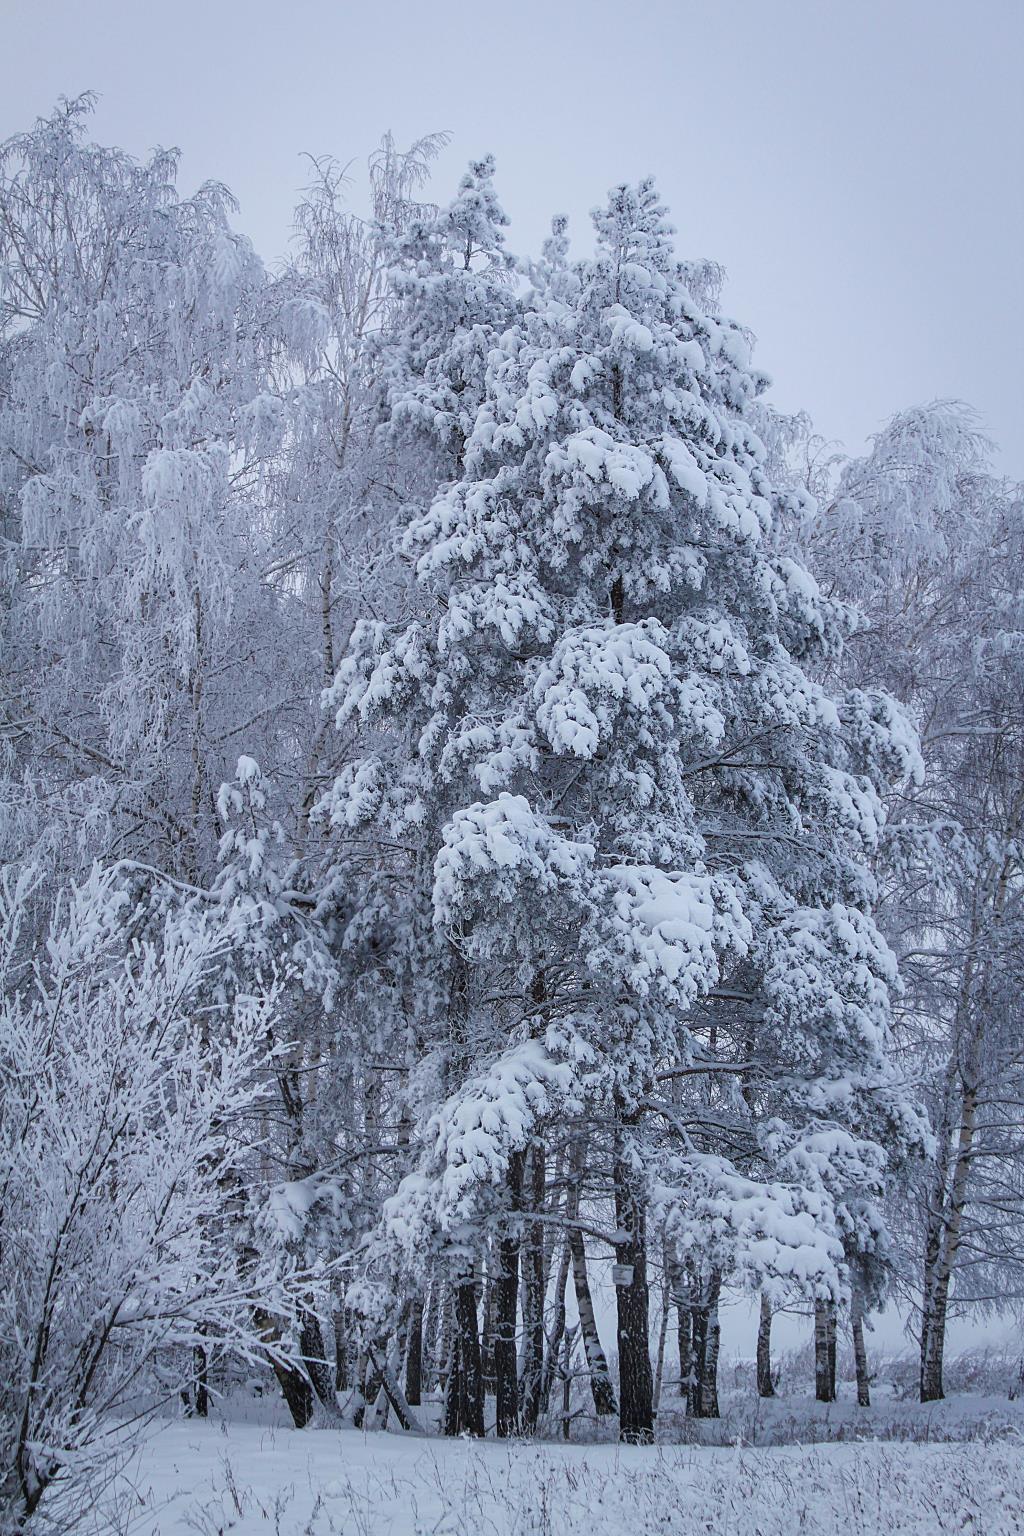 зимний ноябрь. Блиц 'Первый снег'